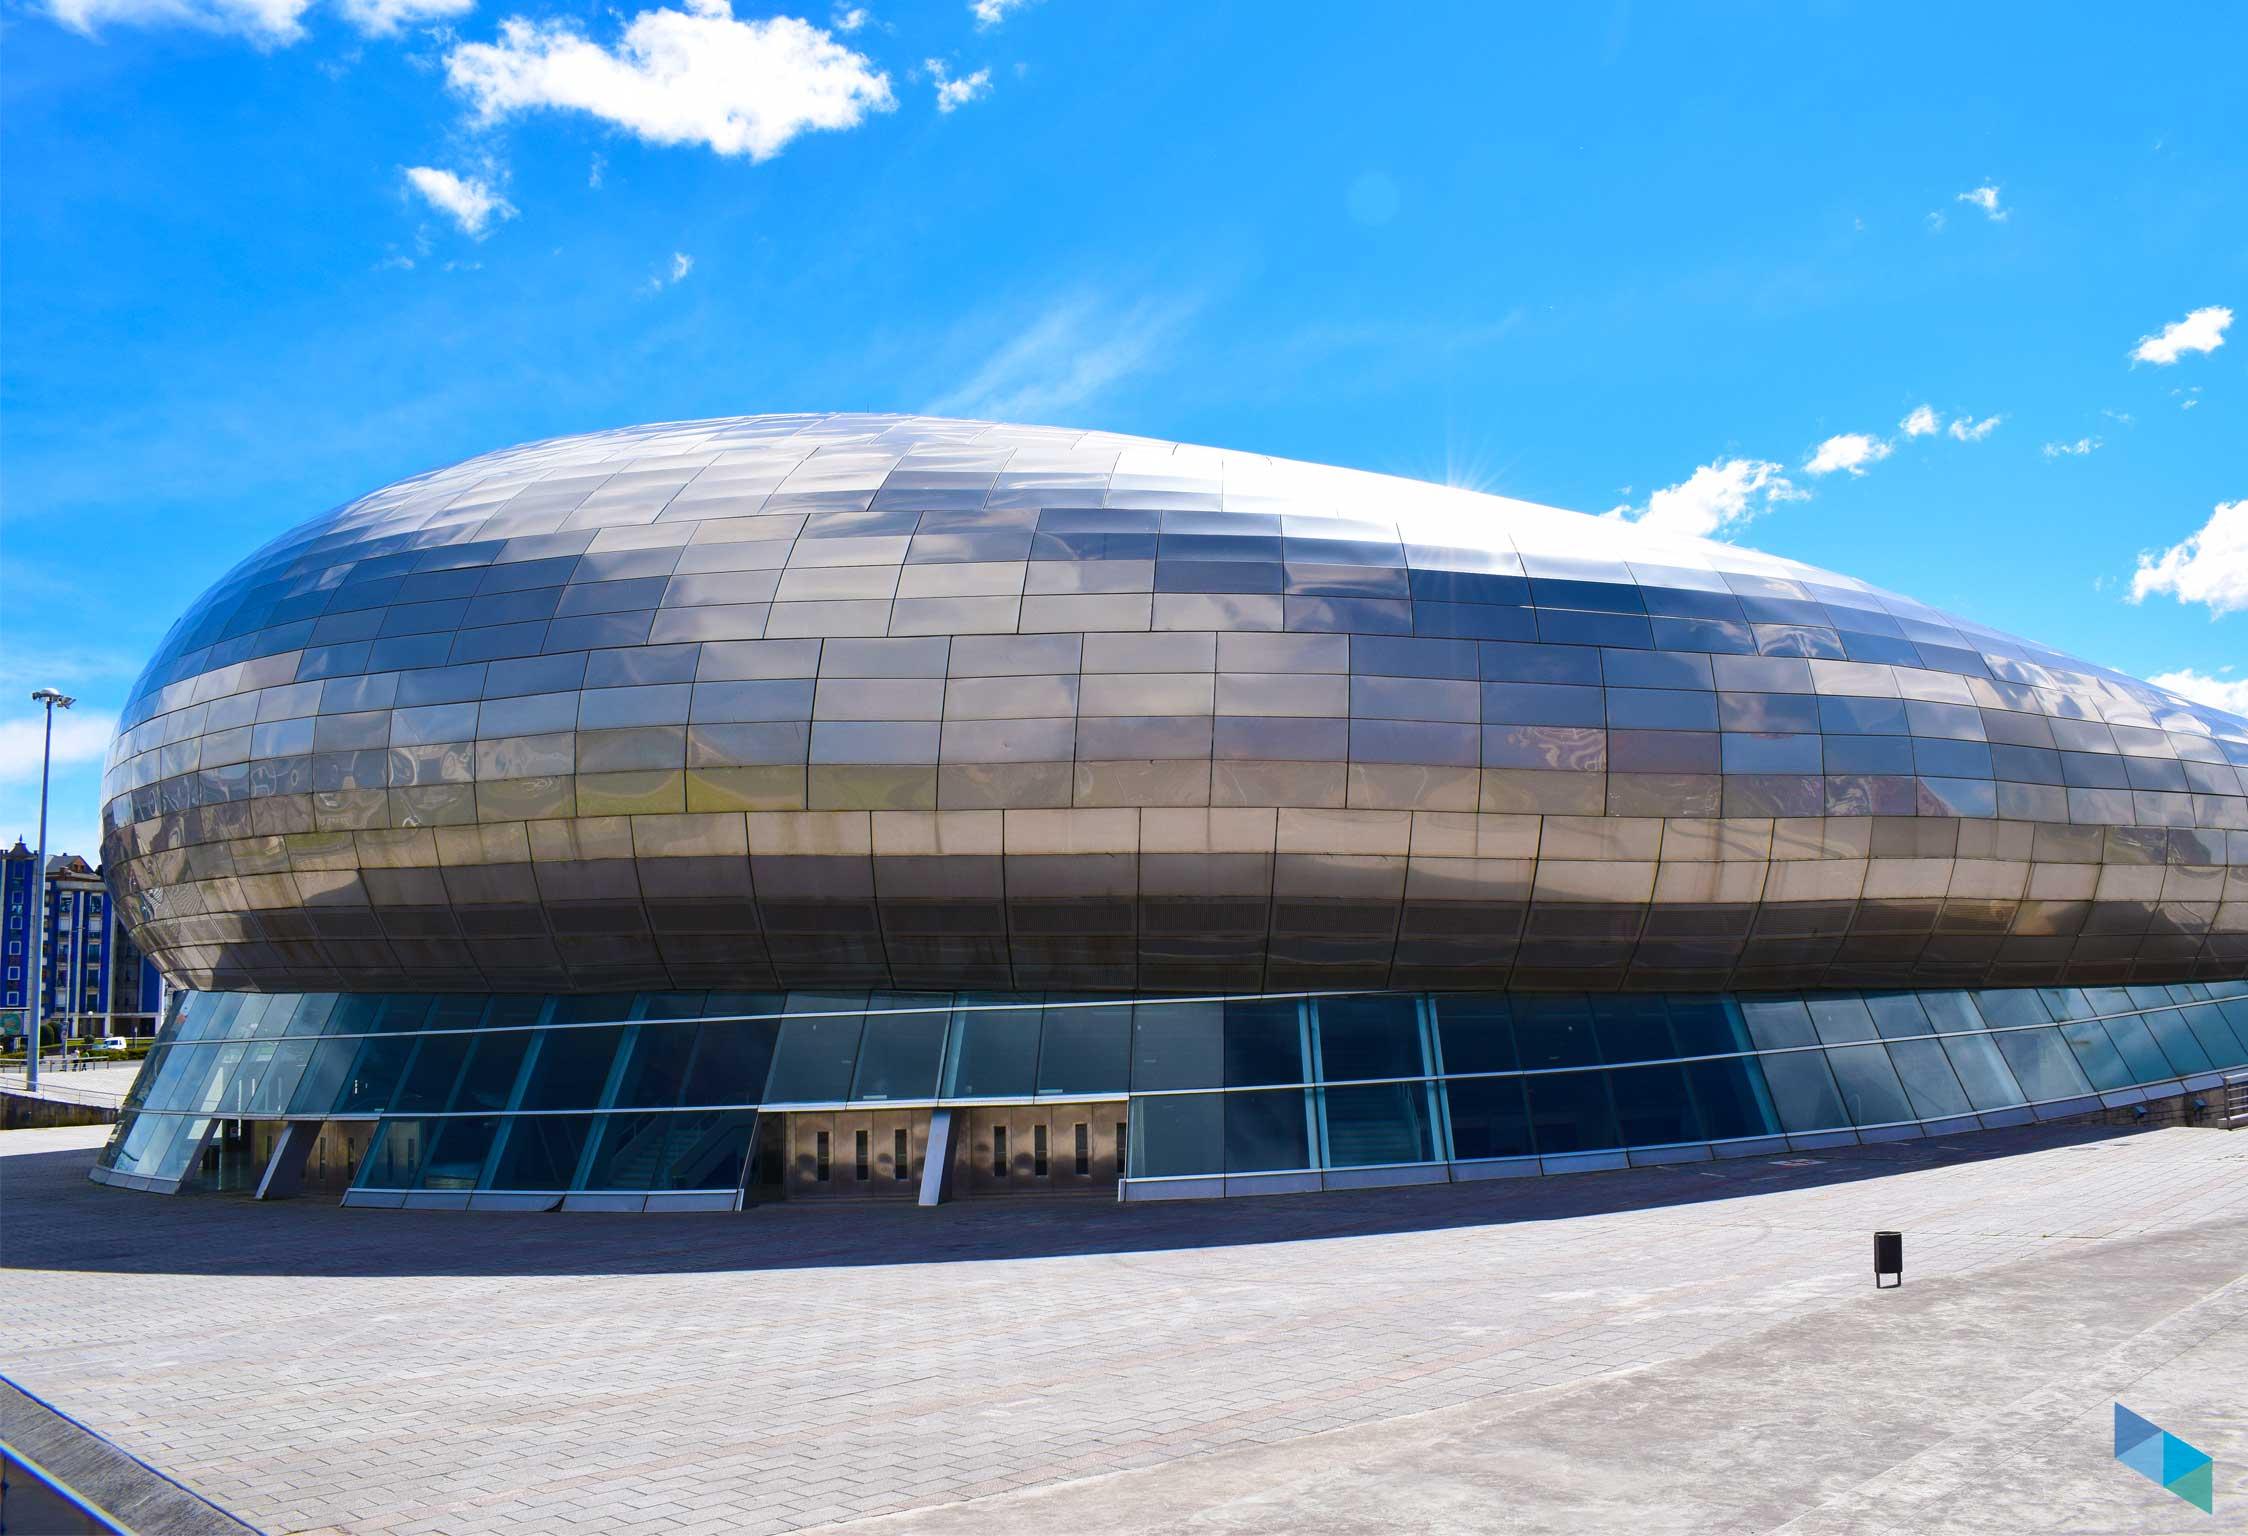 Palacio de deportes